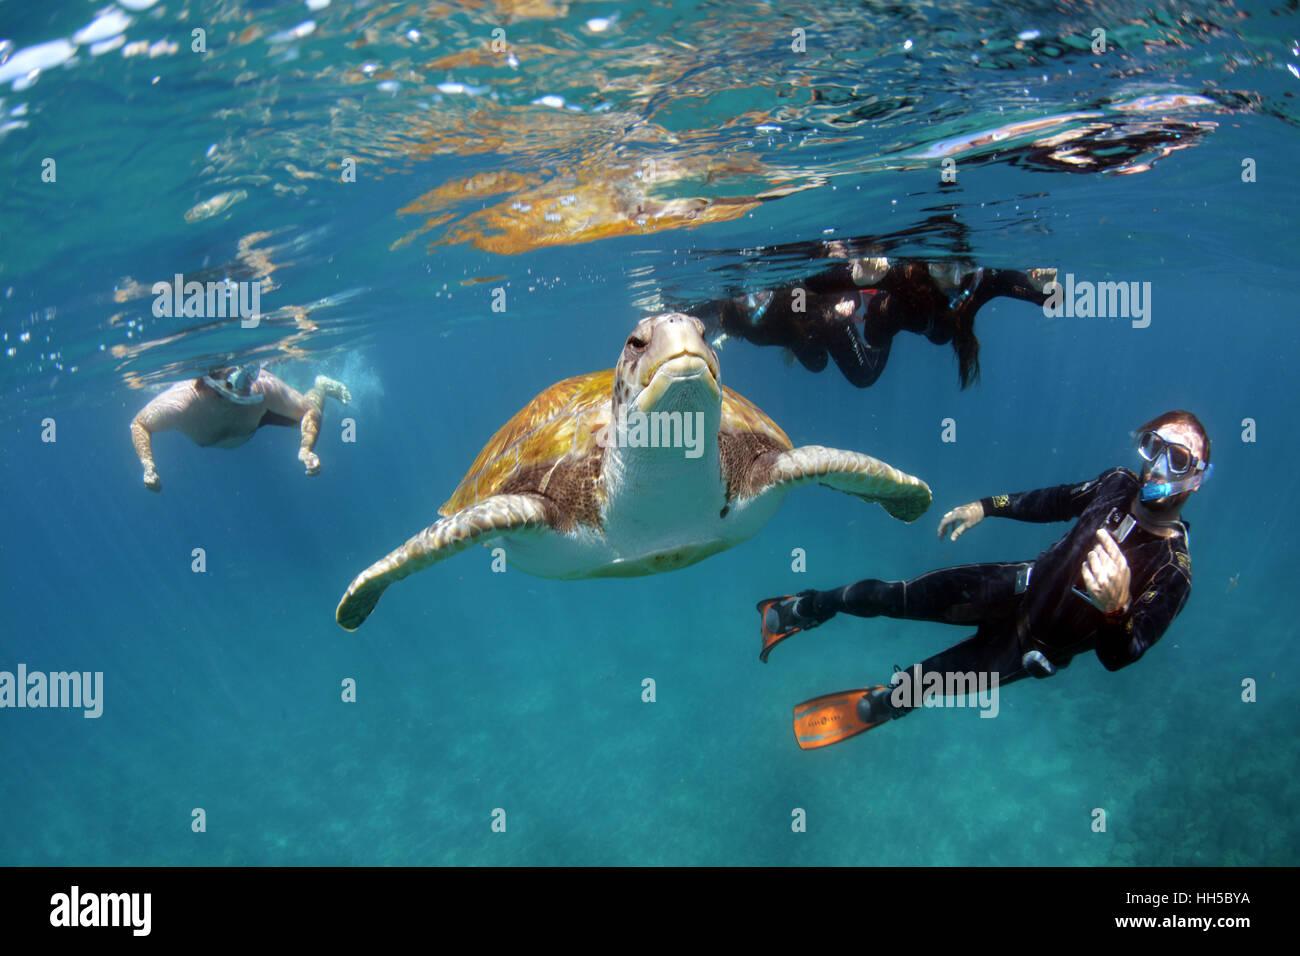 Schwimmen mit einer Suppenschildkröte, Costa Adeje, Teneriffa Stockfoto